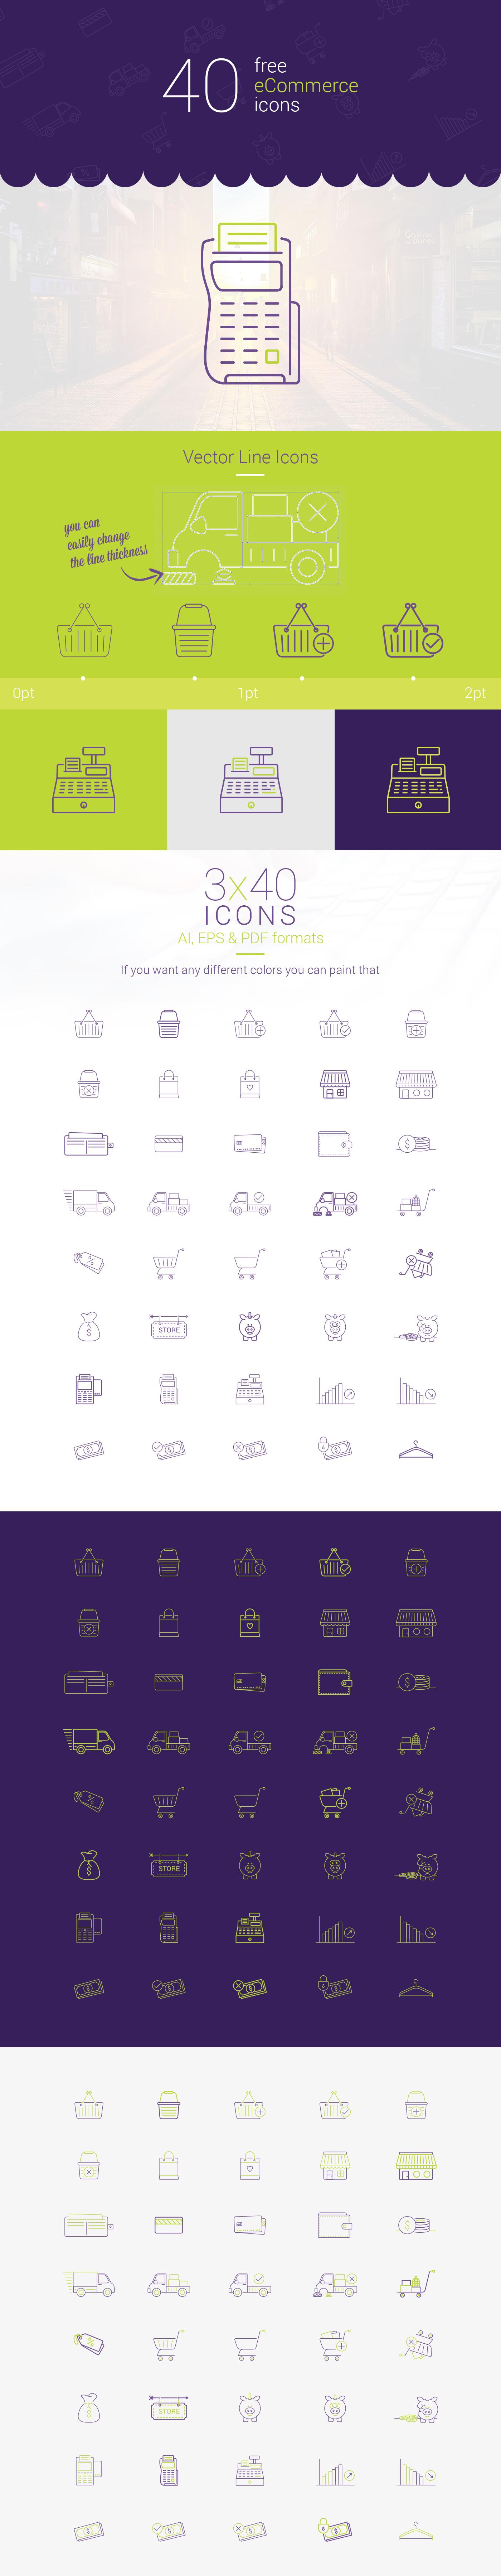 icons free icon set free icon line icons Ecommerce ecommerce icon free icons free vector shop icon store icon